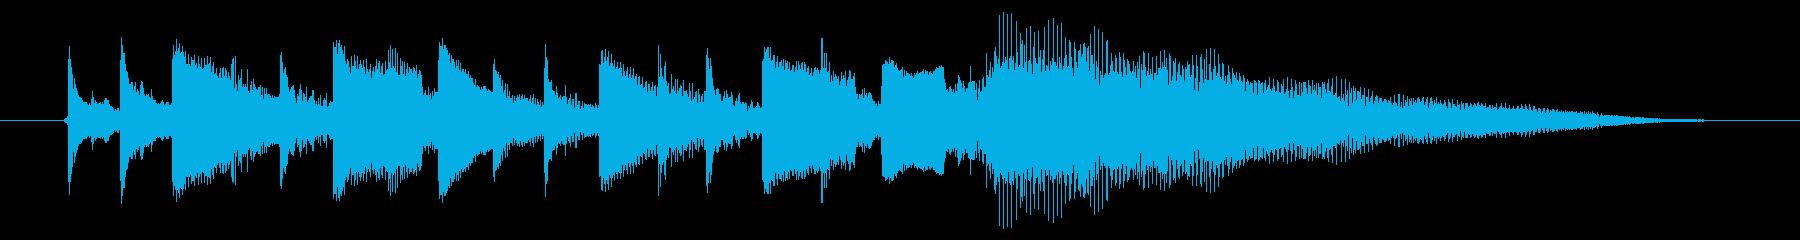 海外ドラマ風エレキギター ミュートその2の再生済みの波形